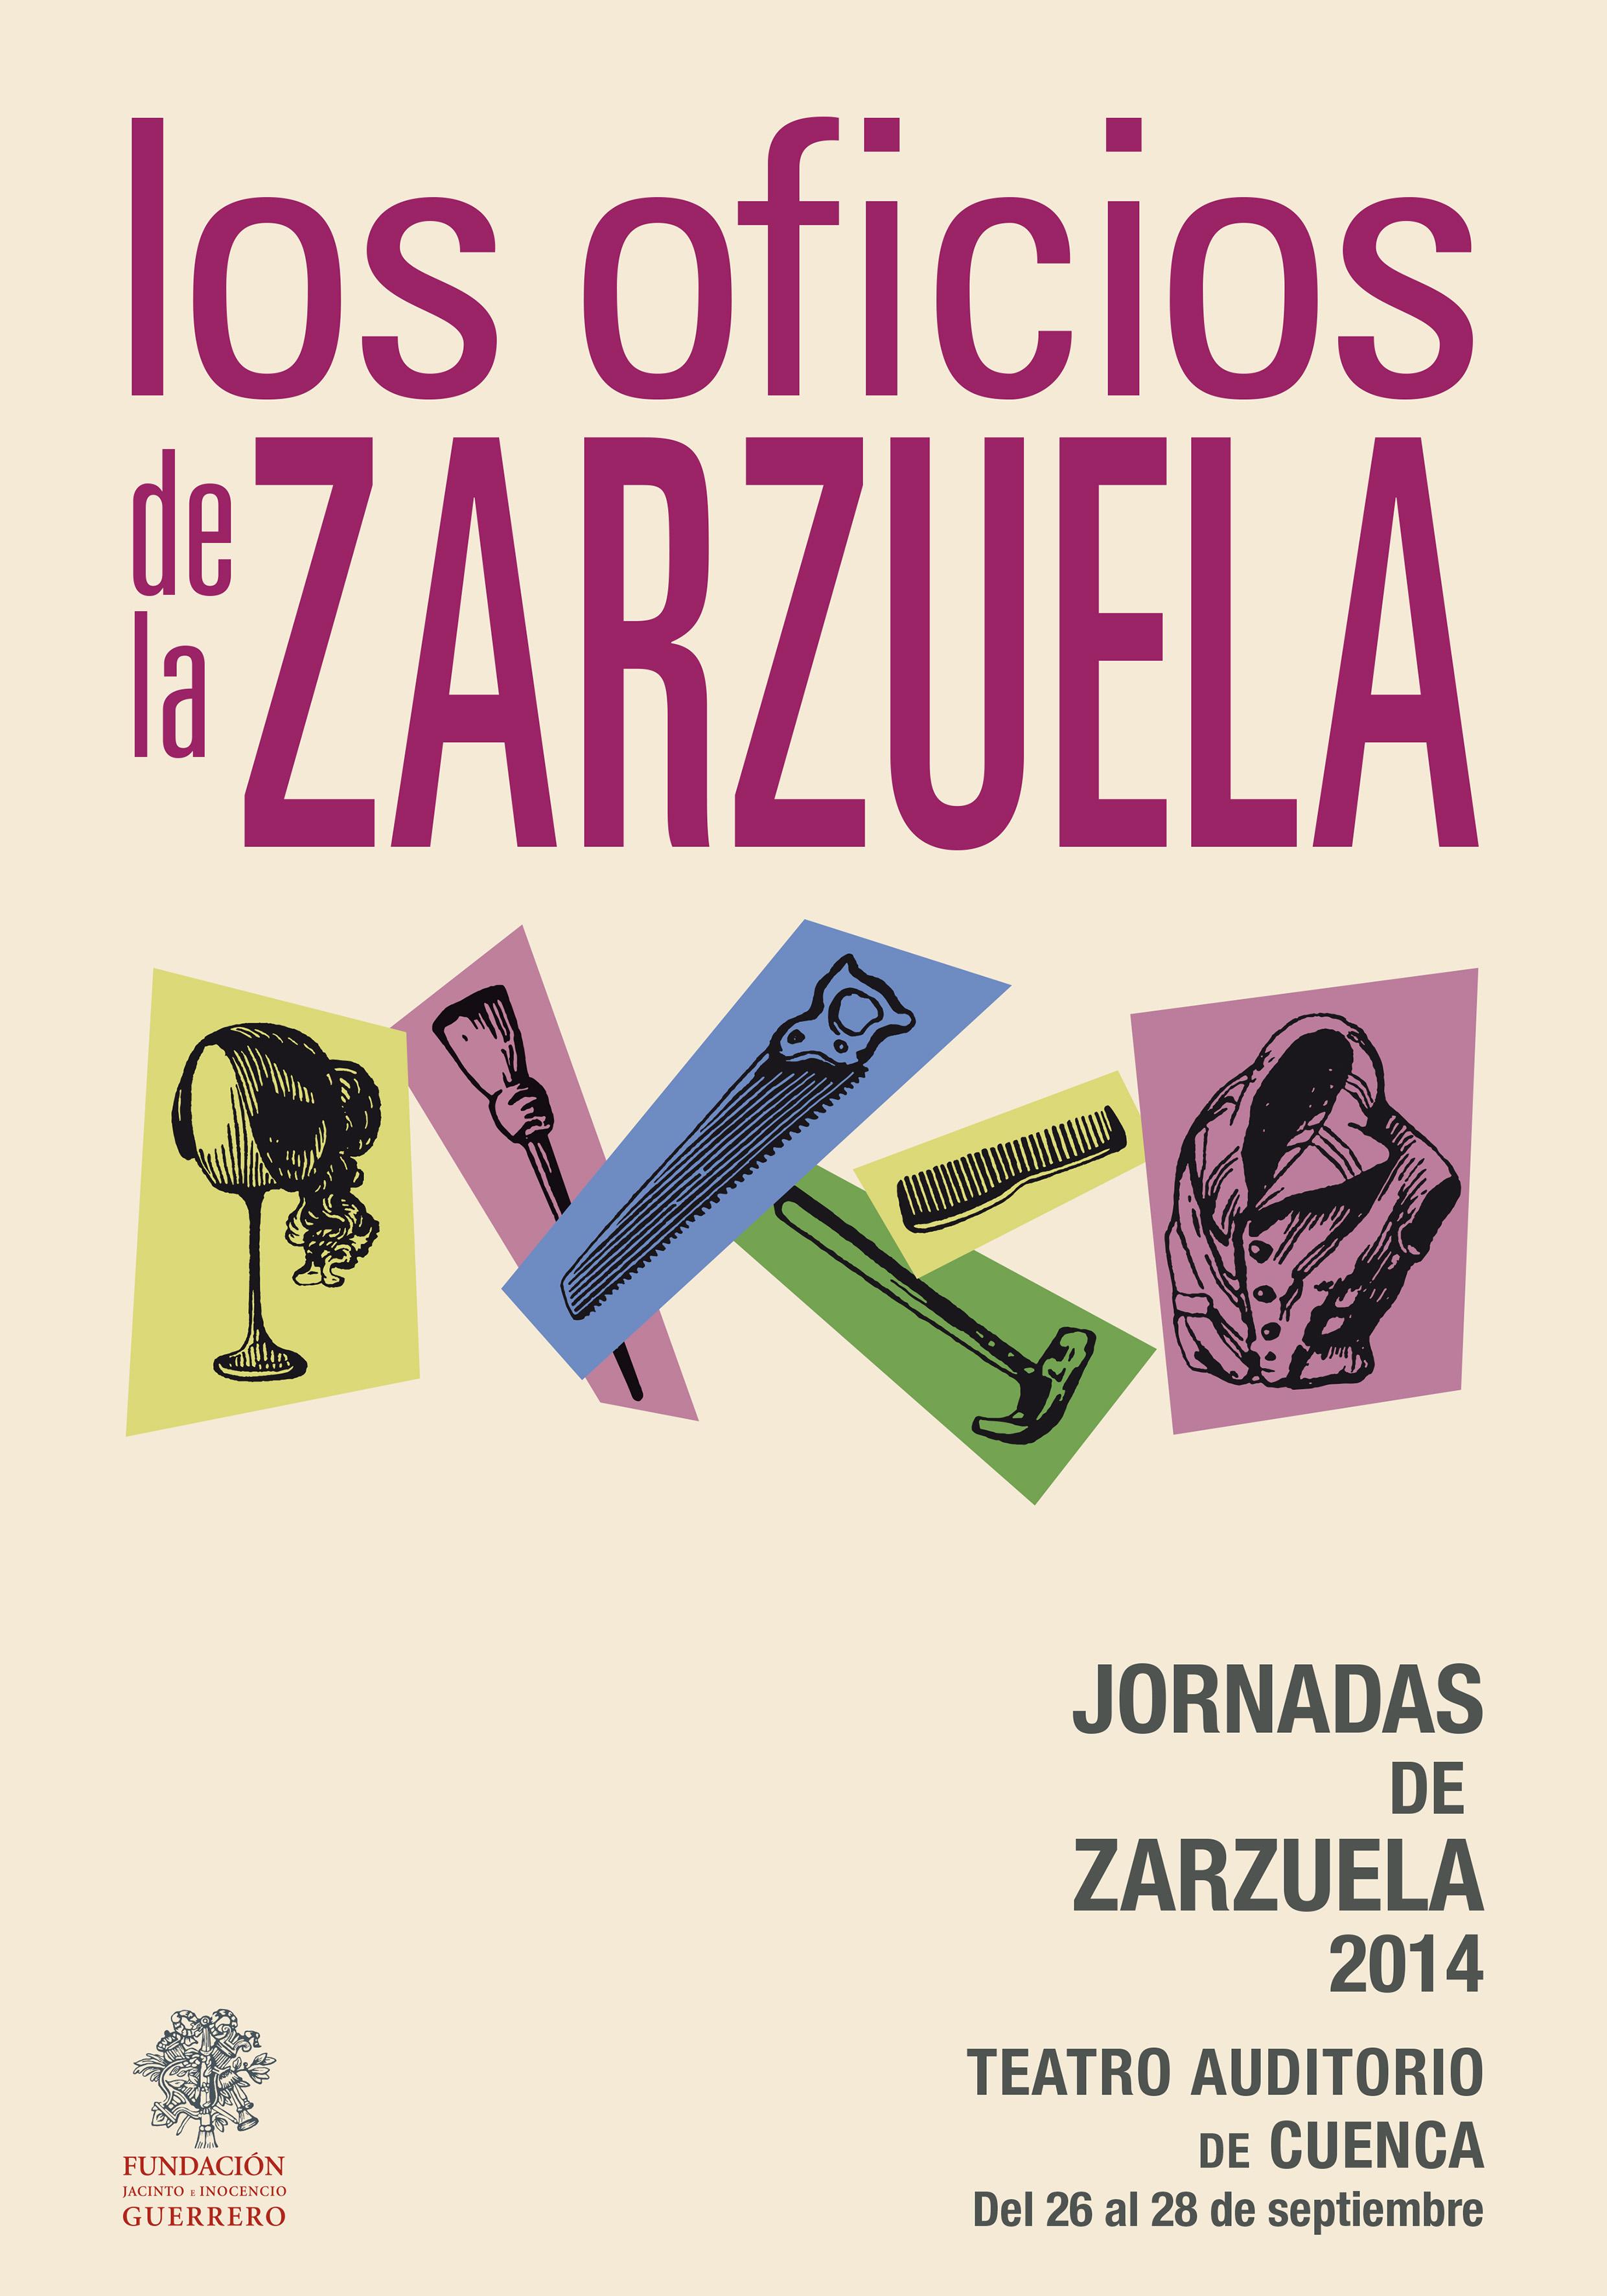 Jornadas 2014. Cartel